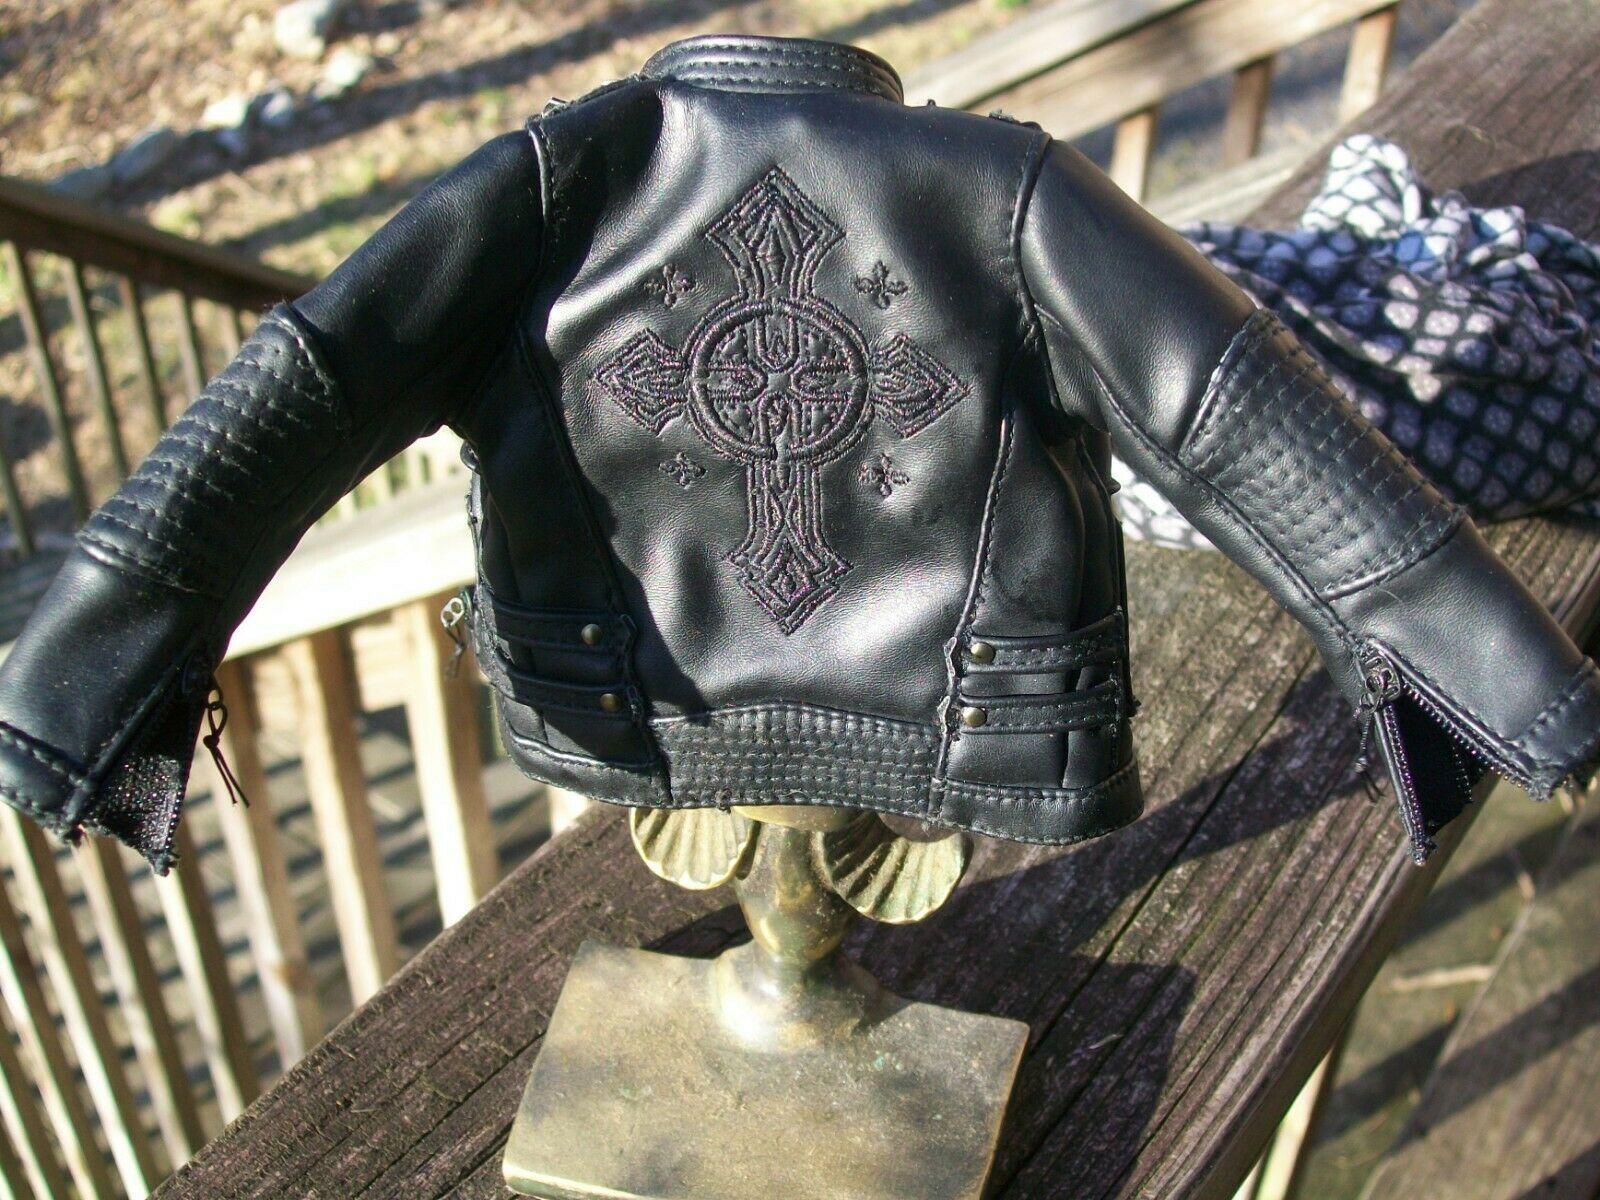 1/6 Scale ThreeZero Breaking Bad Jesse Pinkman Leather